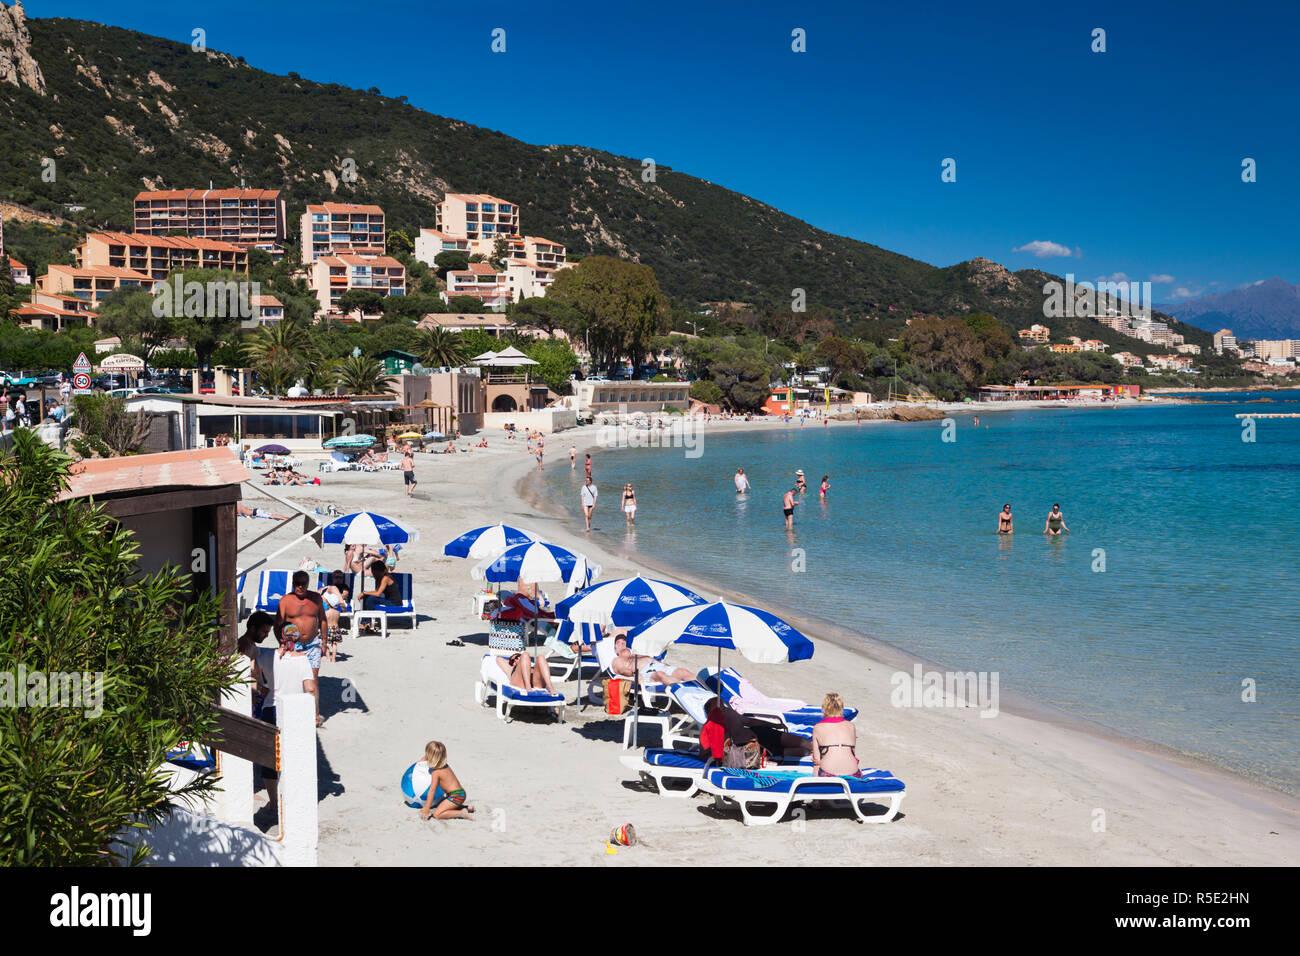 Francia, Córcega, Corse du Sud, Córcega Departamento Región de la Costa Oeste, la zona de Ajaccio, Scudo, la playa de la ciudad Foto de stock